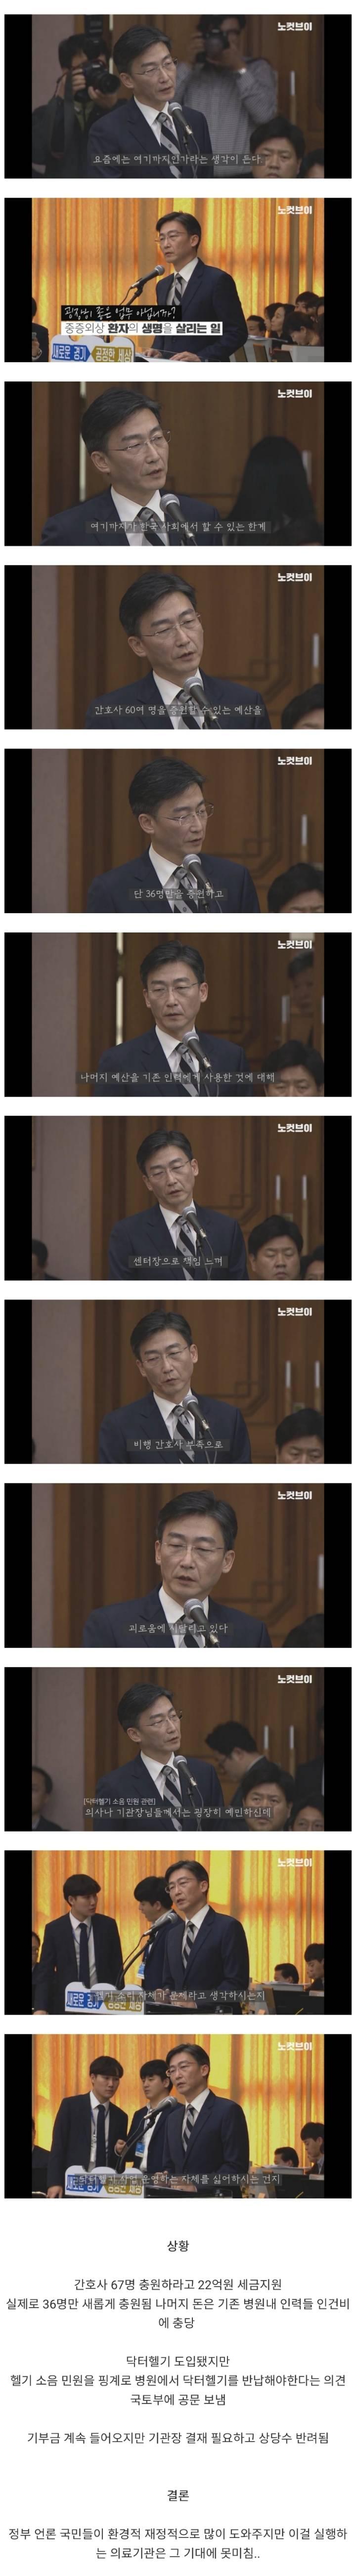 이국종교수 : 대한민국에선 여기까지가 한계 | 인스티즈